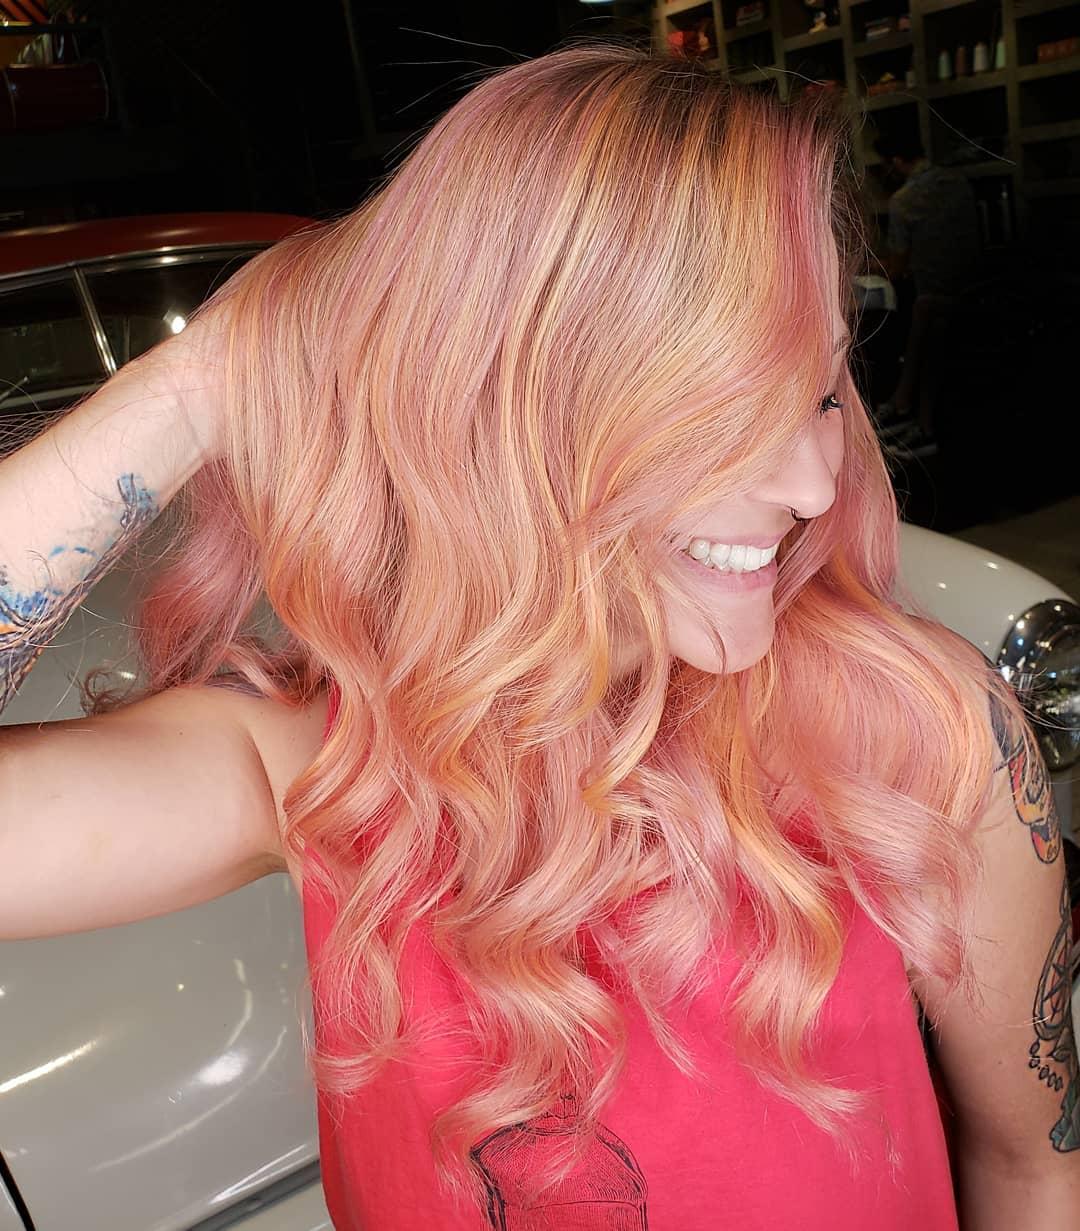 Cabelo-blorange-Dicas-de-moda-para-cores-de-cabelo-atuais